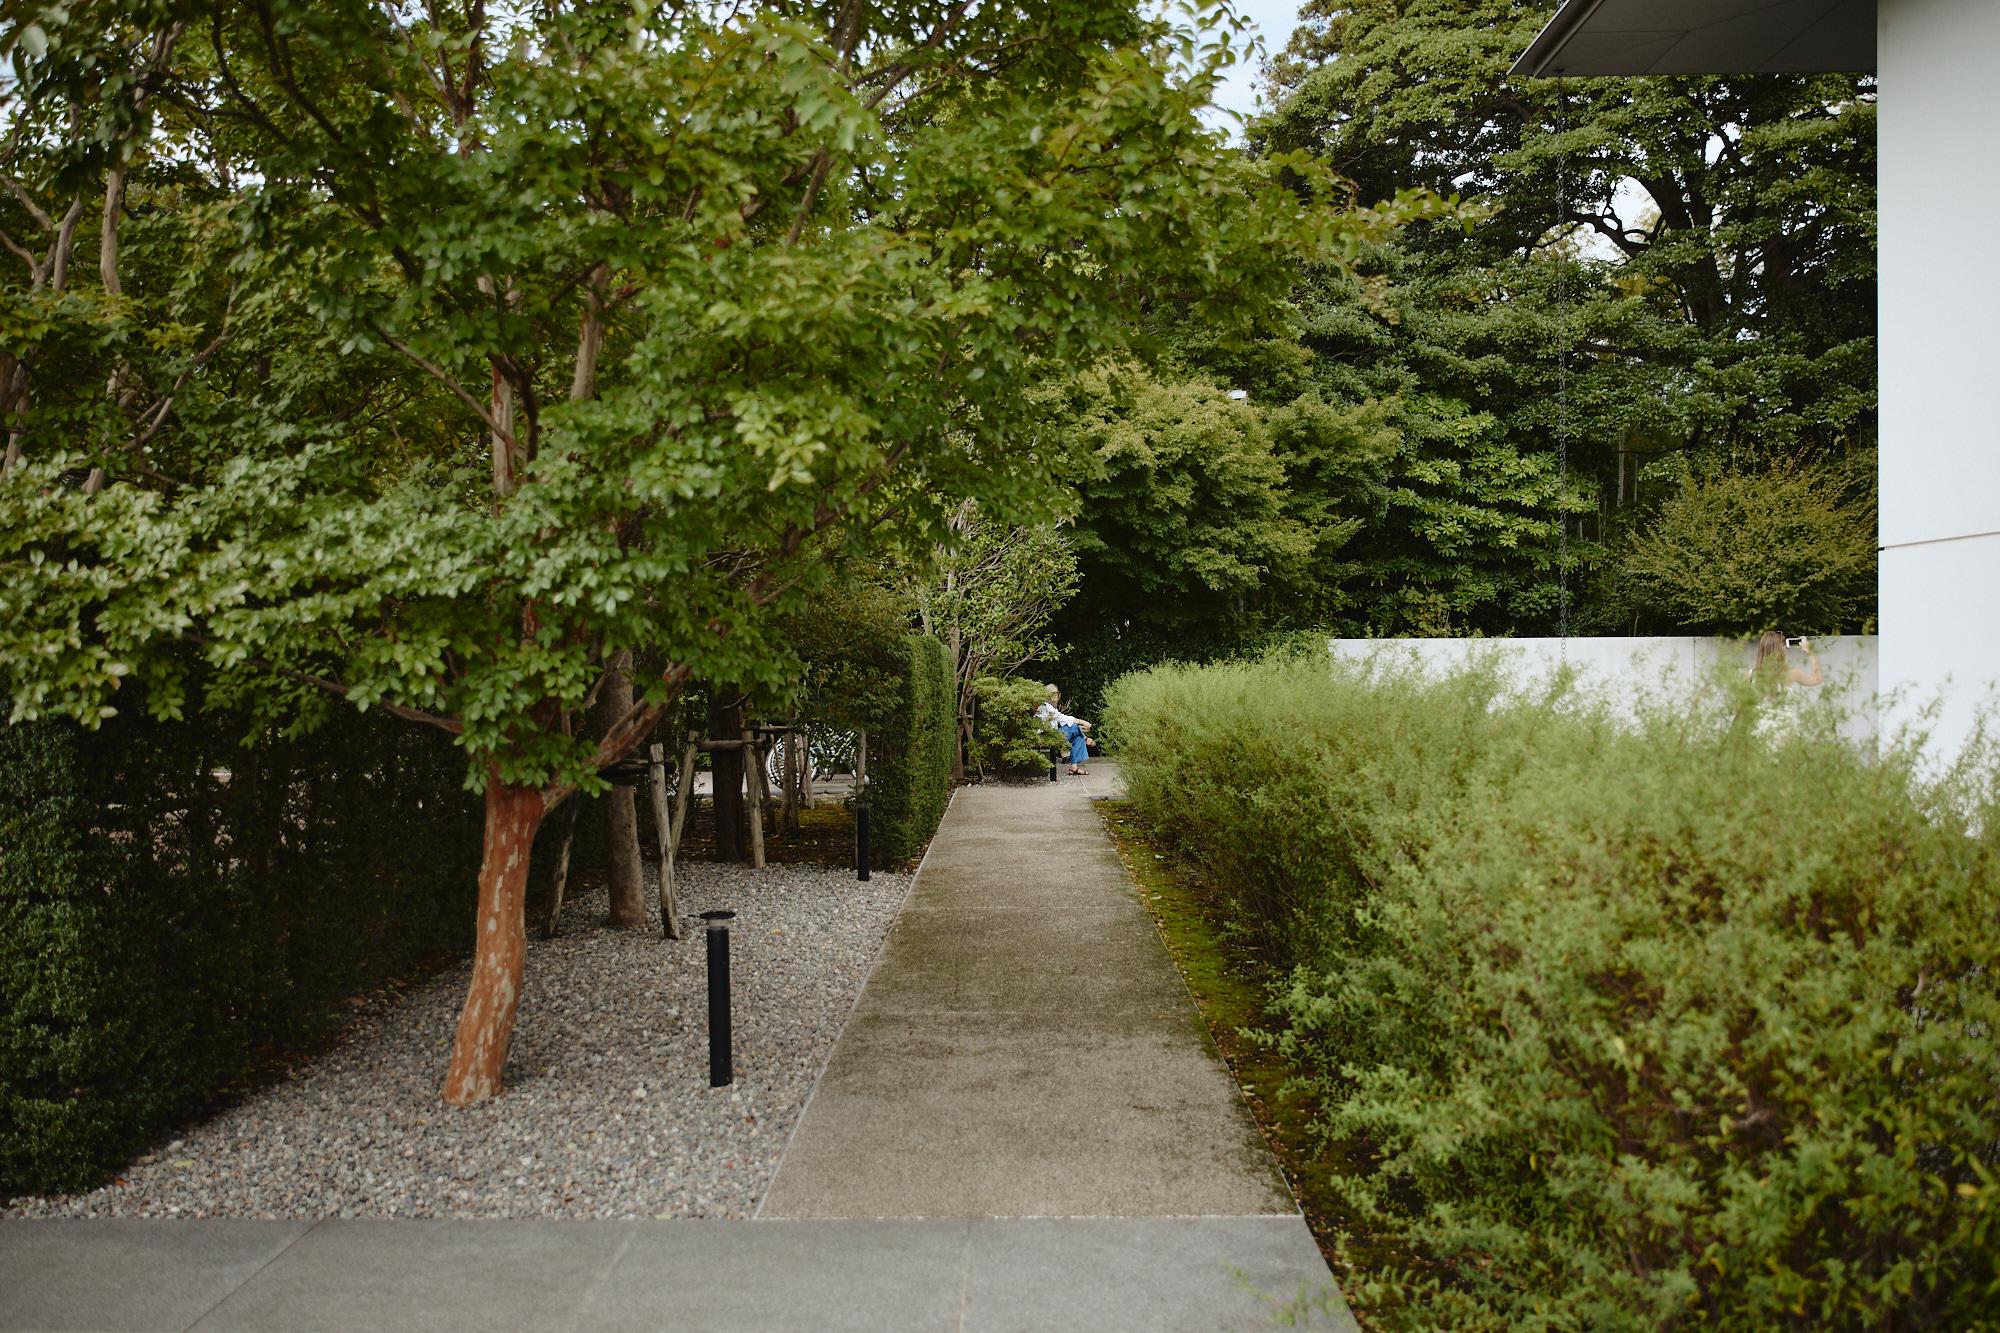 DT Suzuki museum, Walking around Kanazawa